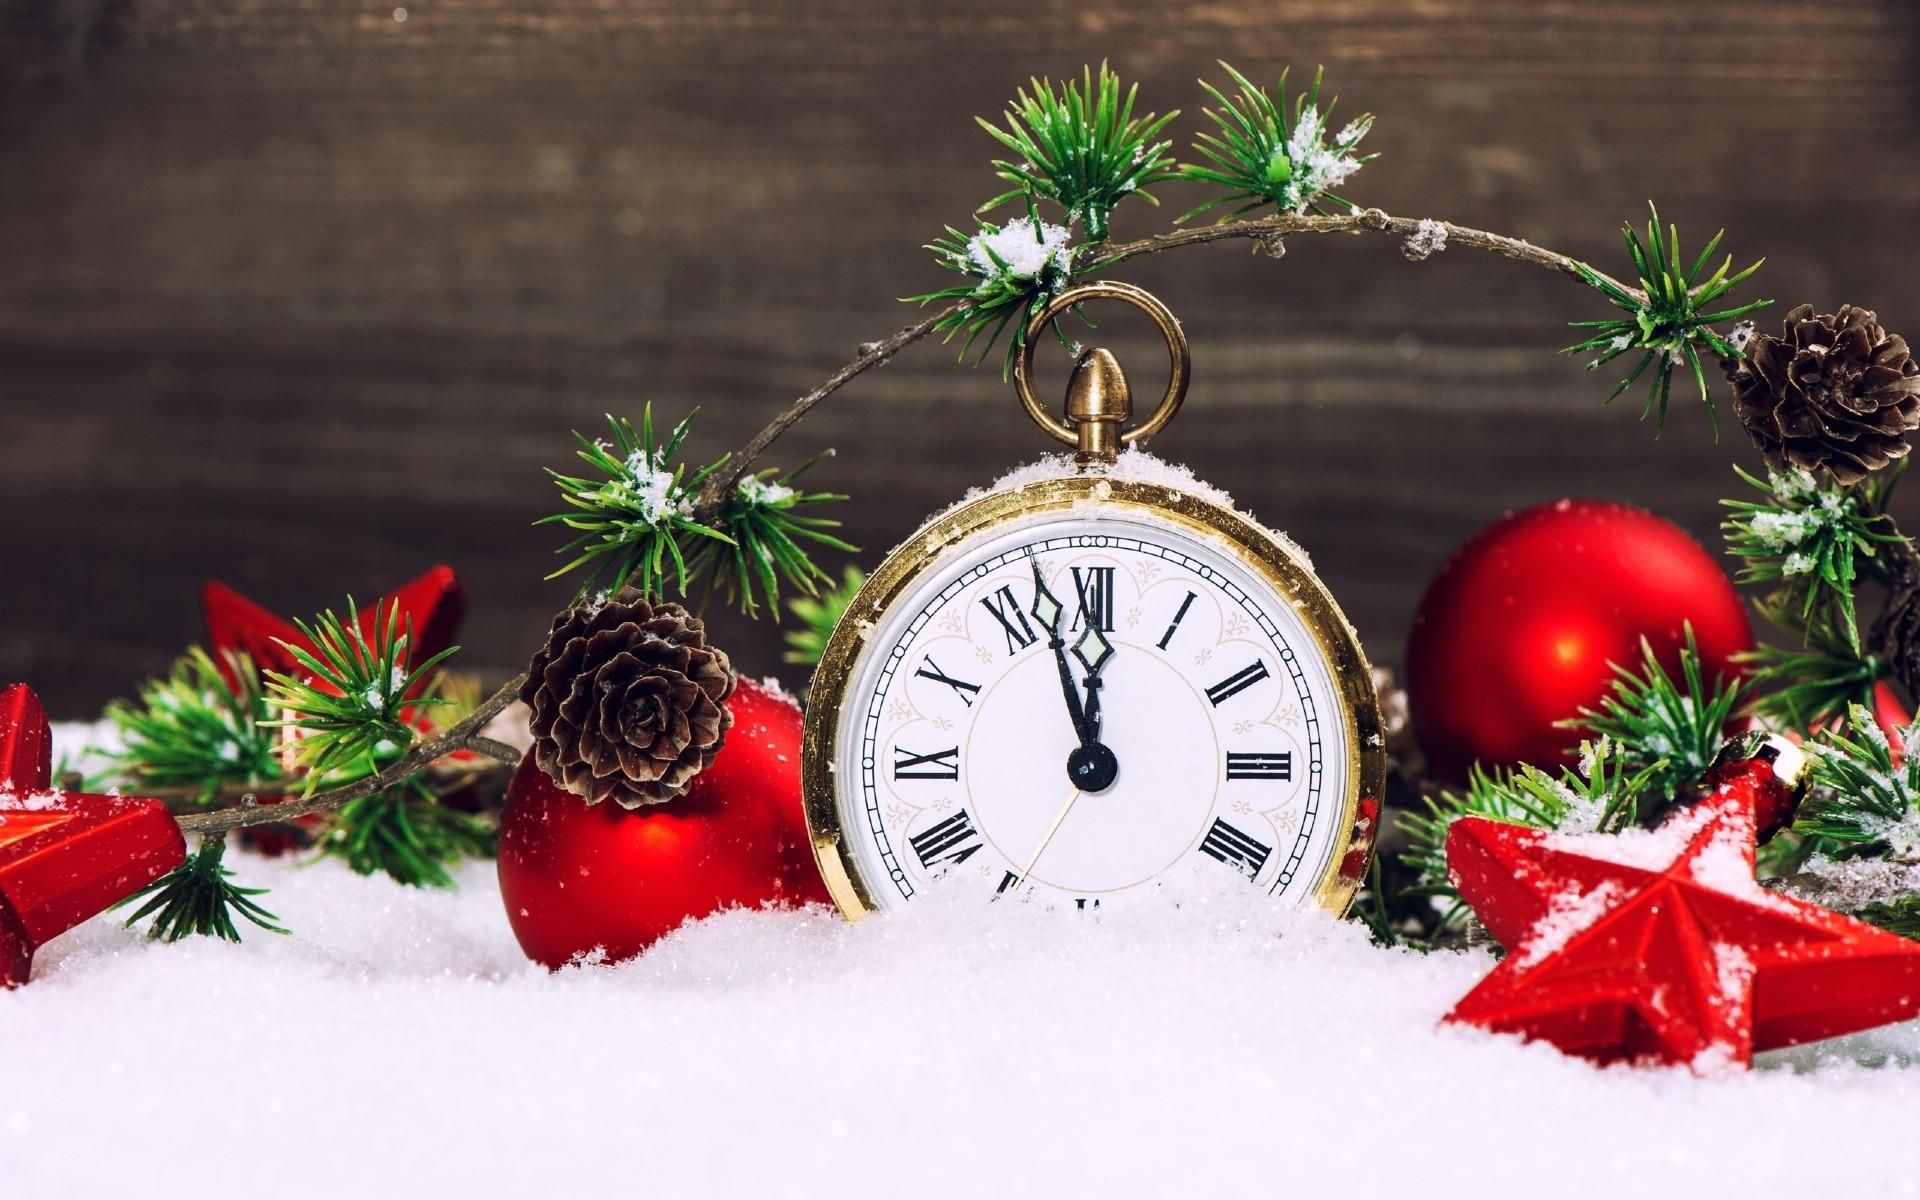 Обои на рабочий стол новогодние (4)